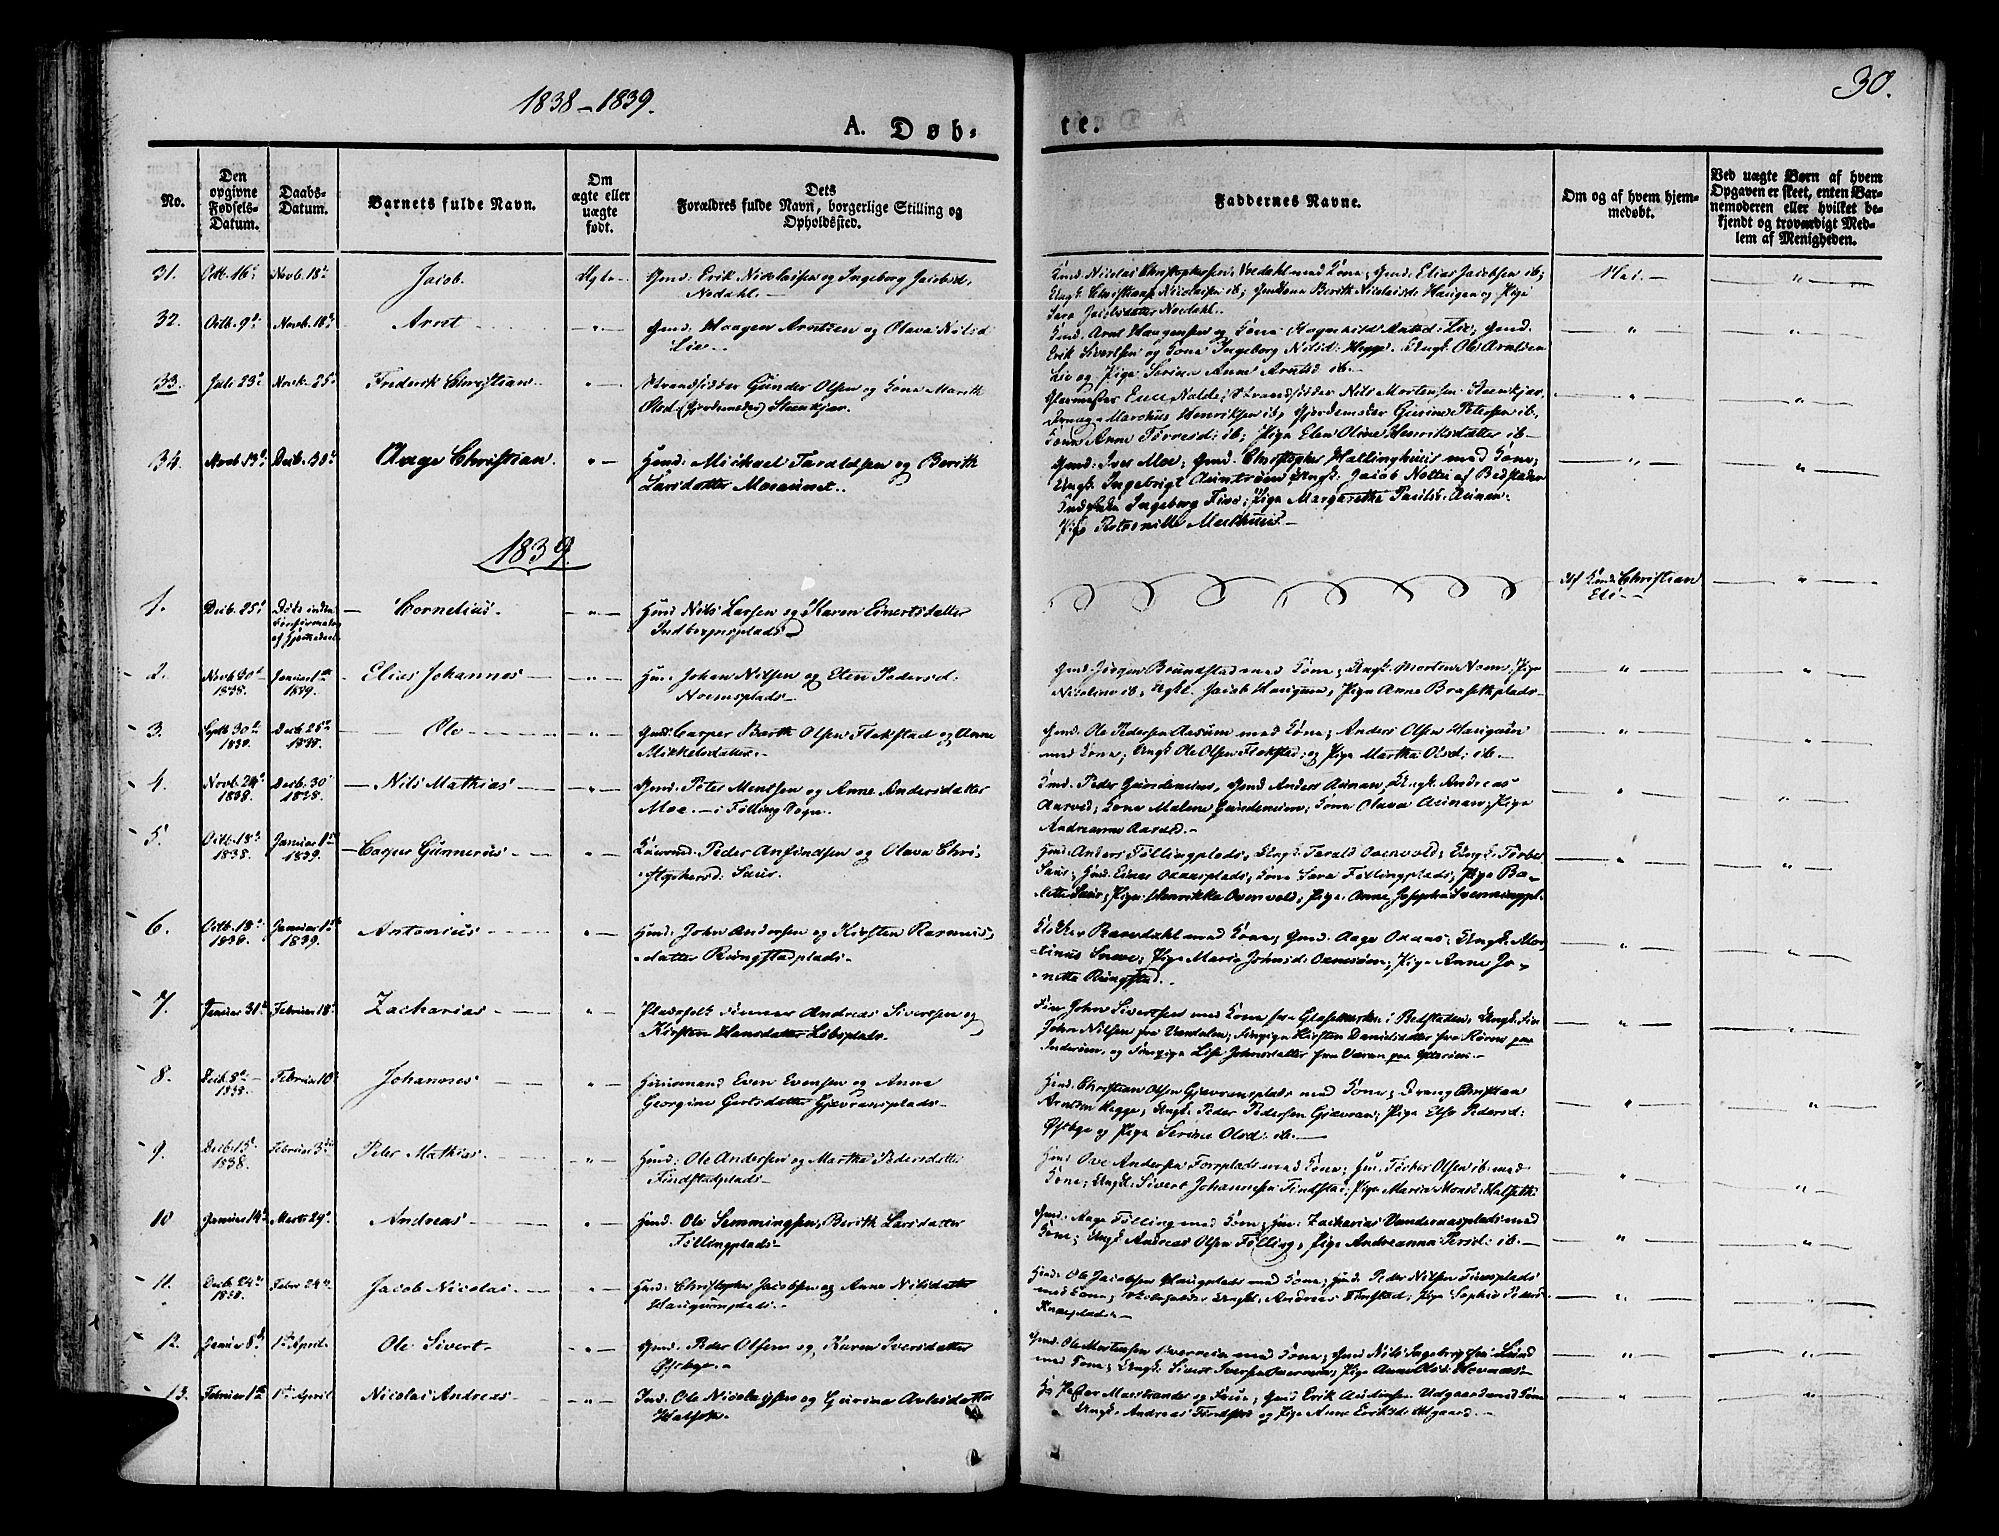 SAT, Ministerialprotokoller, klokkerbøker og fødselsregistre - Nord-Trøndelag, 746/L0445: Ministerialbok nr. 746A04, 1826-1846, s. 30